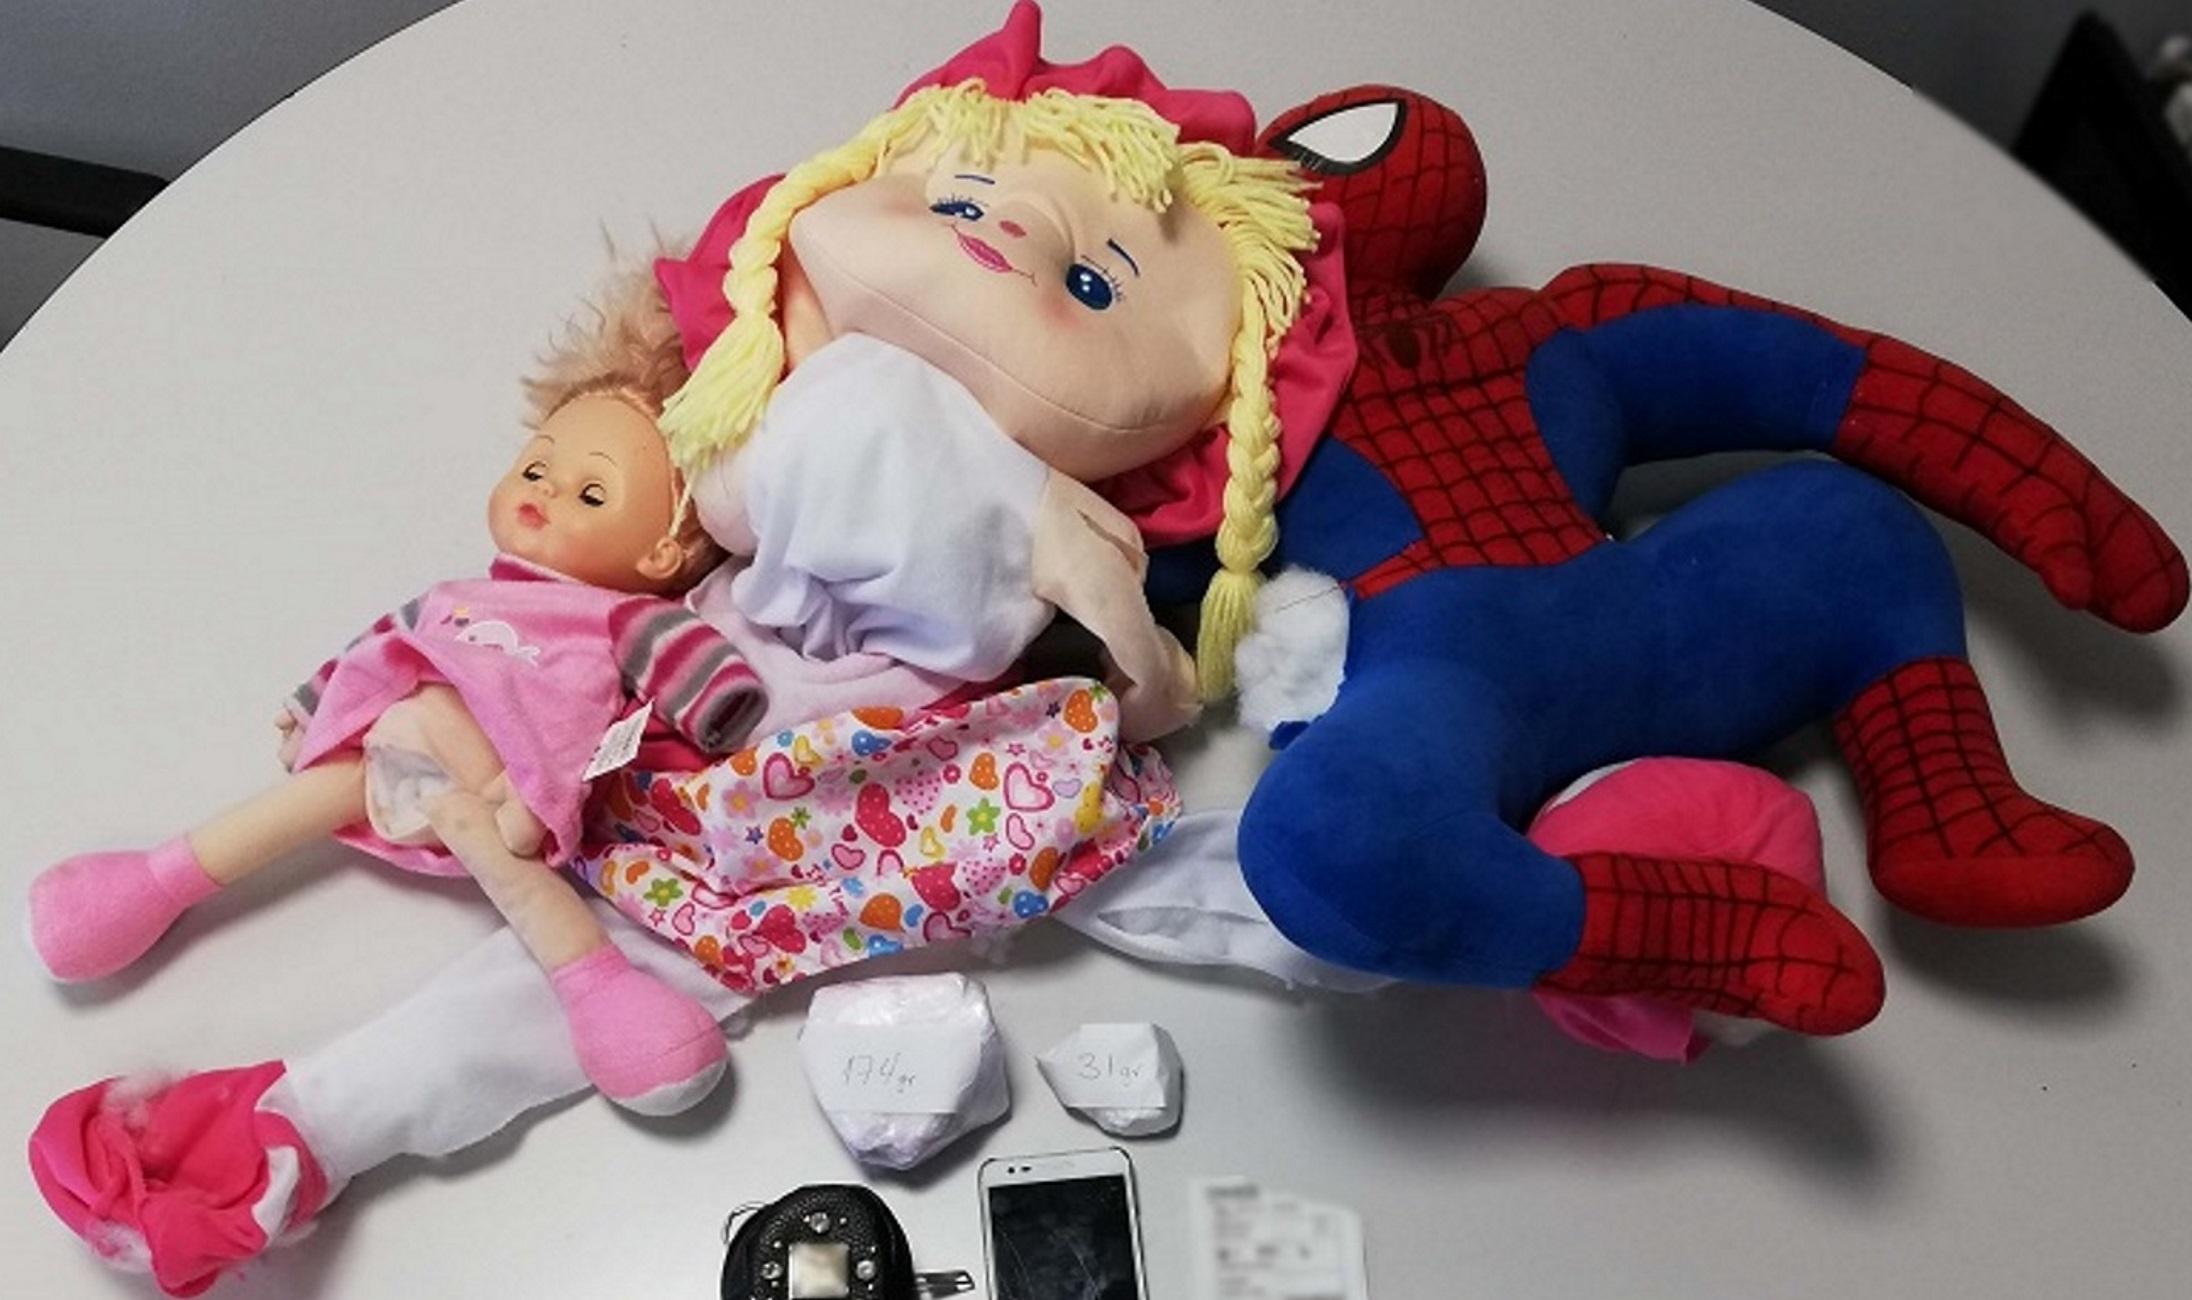 Θεσσαλονίκη: Αυτές είναι οι αυστηρώς ακατάλληλες παιδικές κούκλες – Οι σκοτεινές αλήθειες που έκρυβαν [pics]